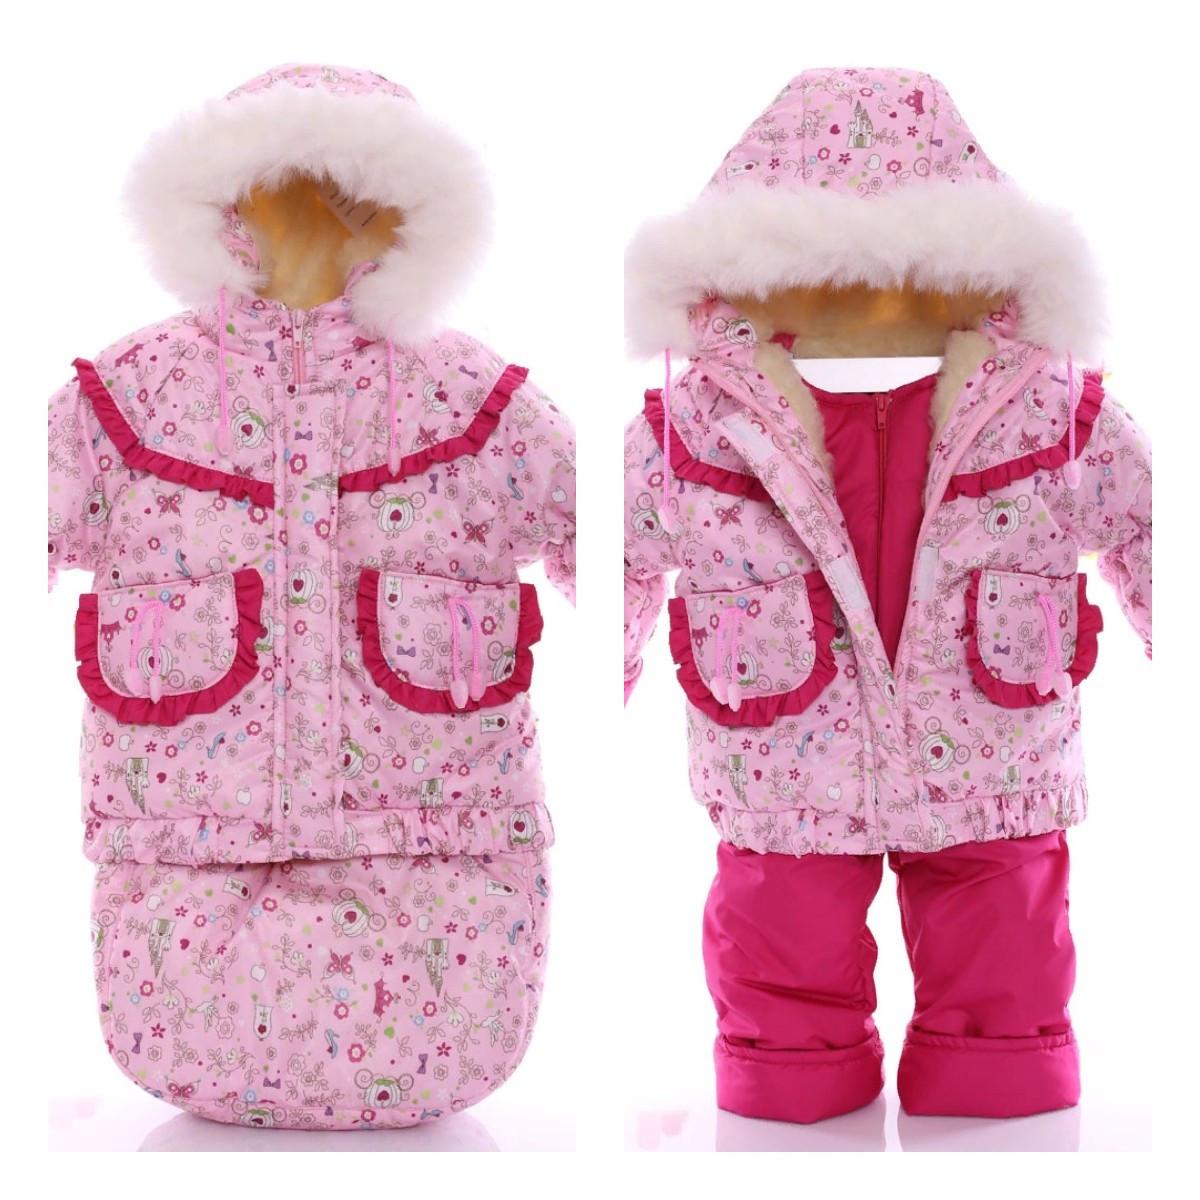 Детский костюм-тройка (конверт+курточка+полукомбинезон) Розовые принцессы